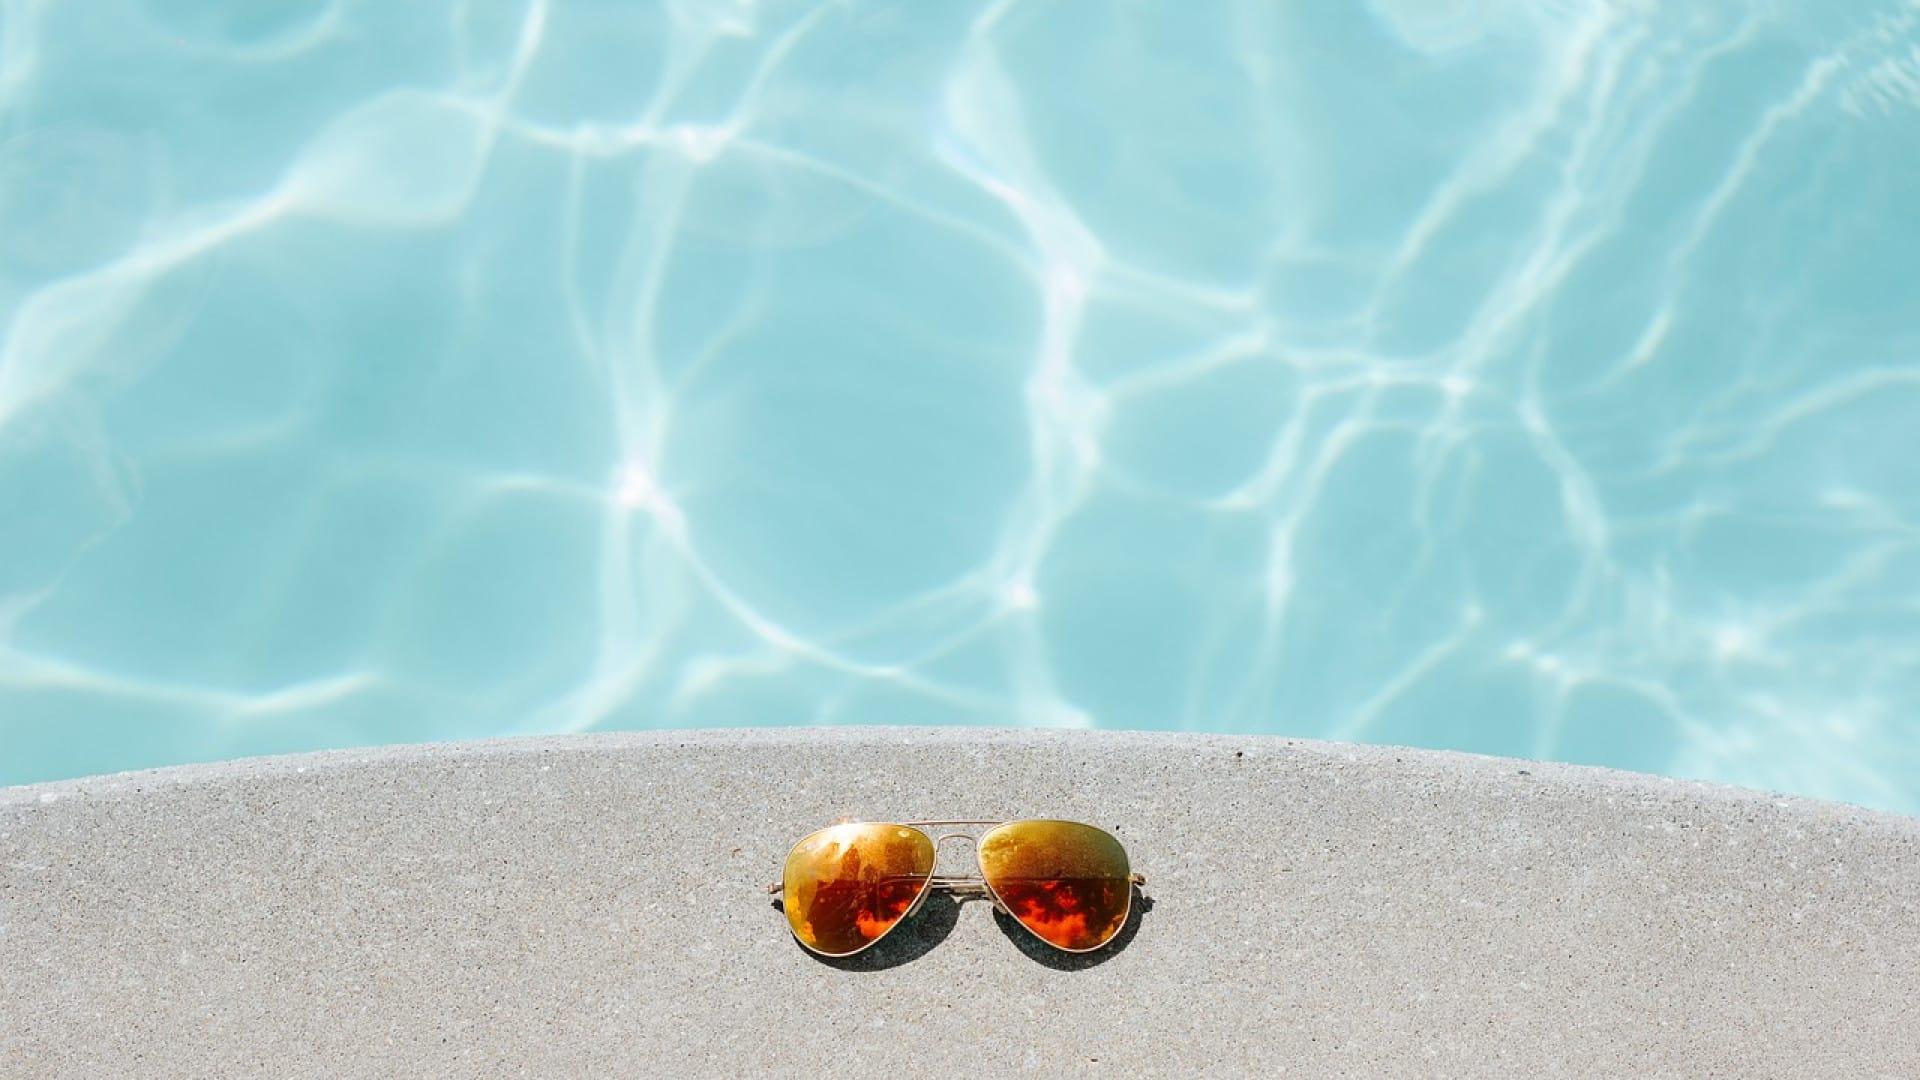 Choisissez une coque polyester pour votre future piscine !